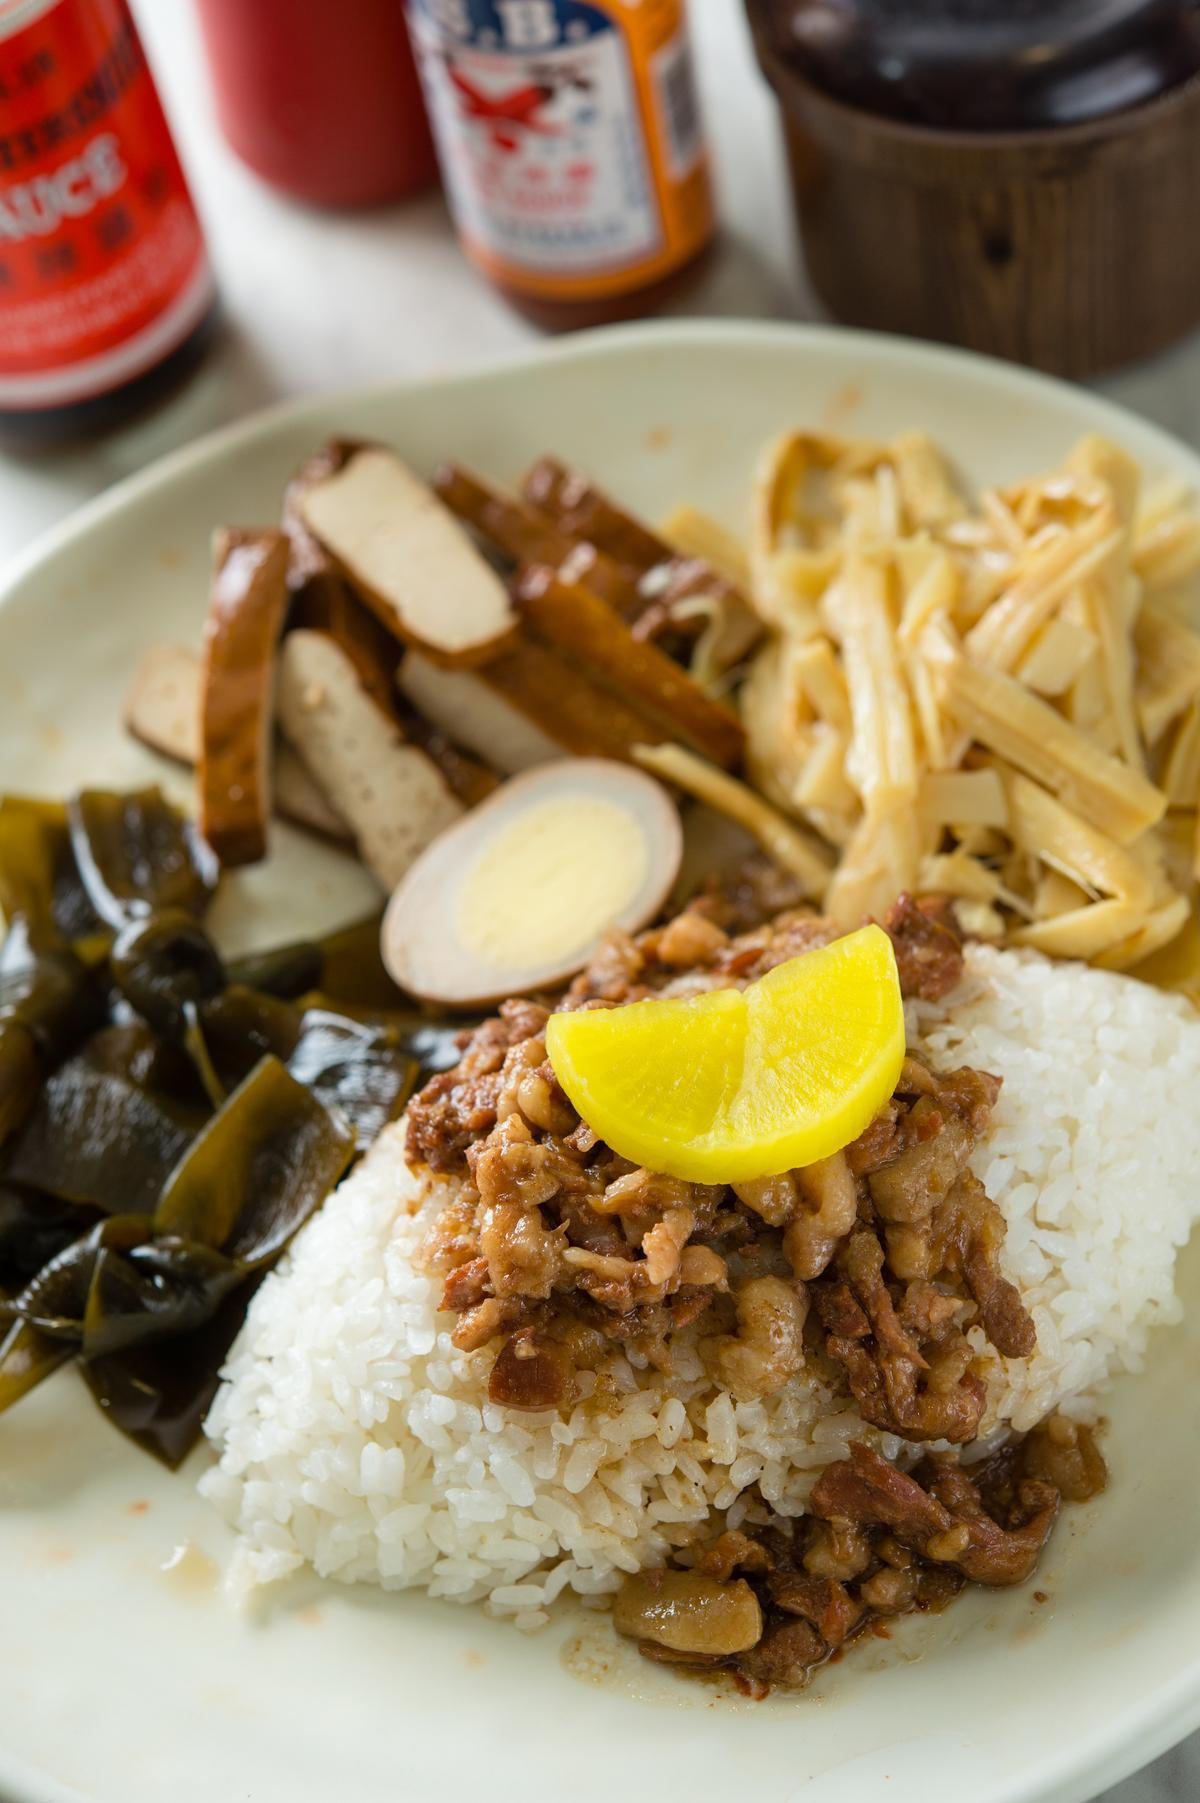 「魯肉飯套餐」直接附上小菜三寶-豆干、滷蛋和海帶,是學生族群的最愛。(60元/份)